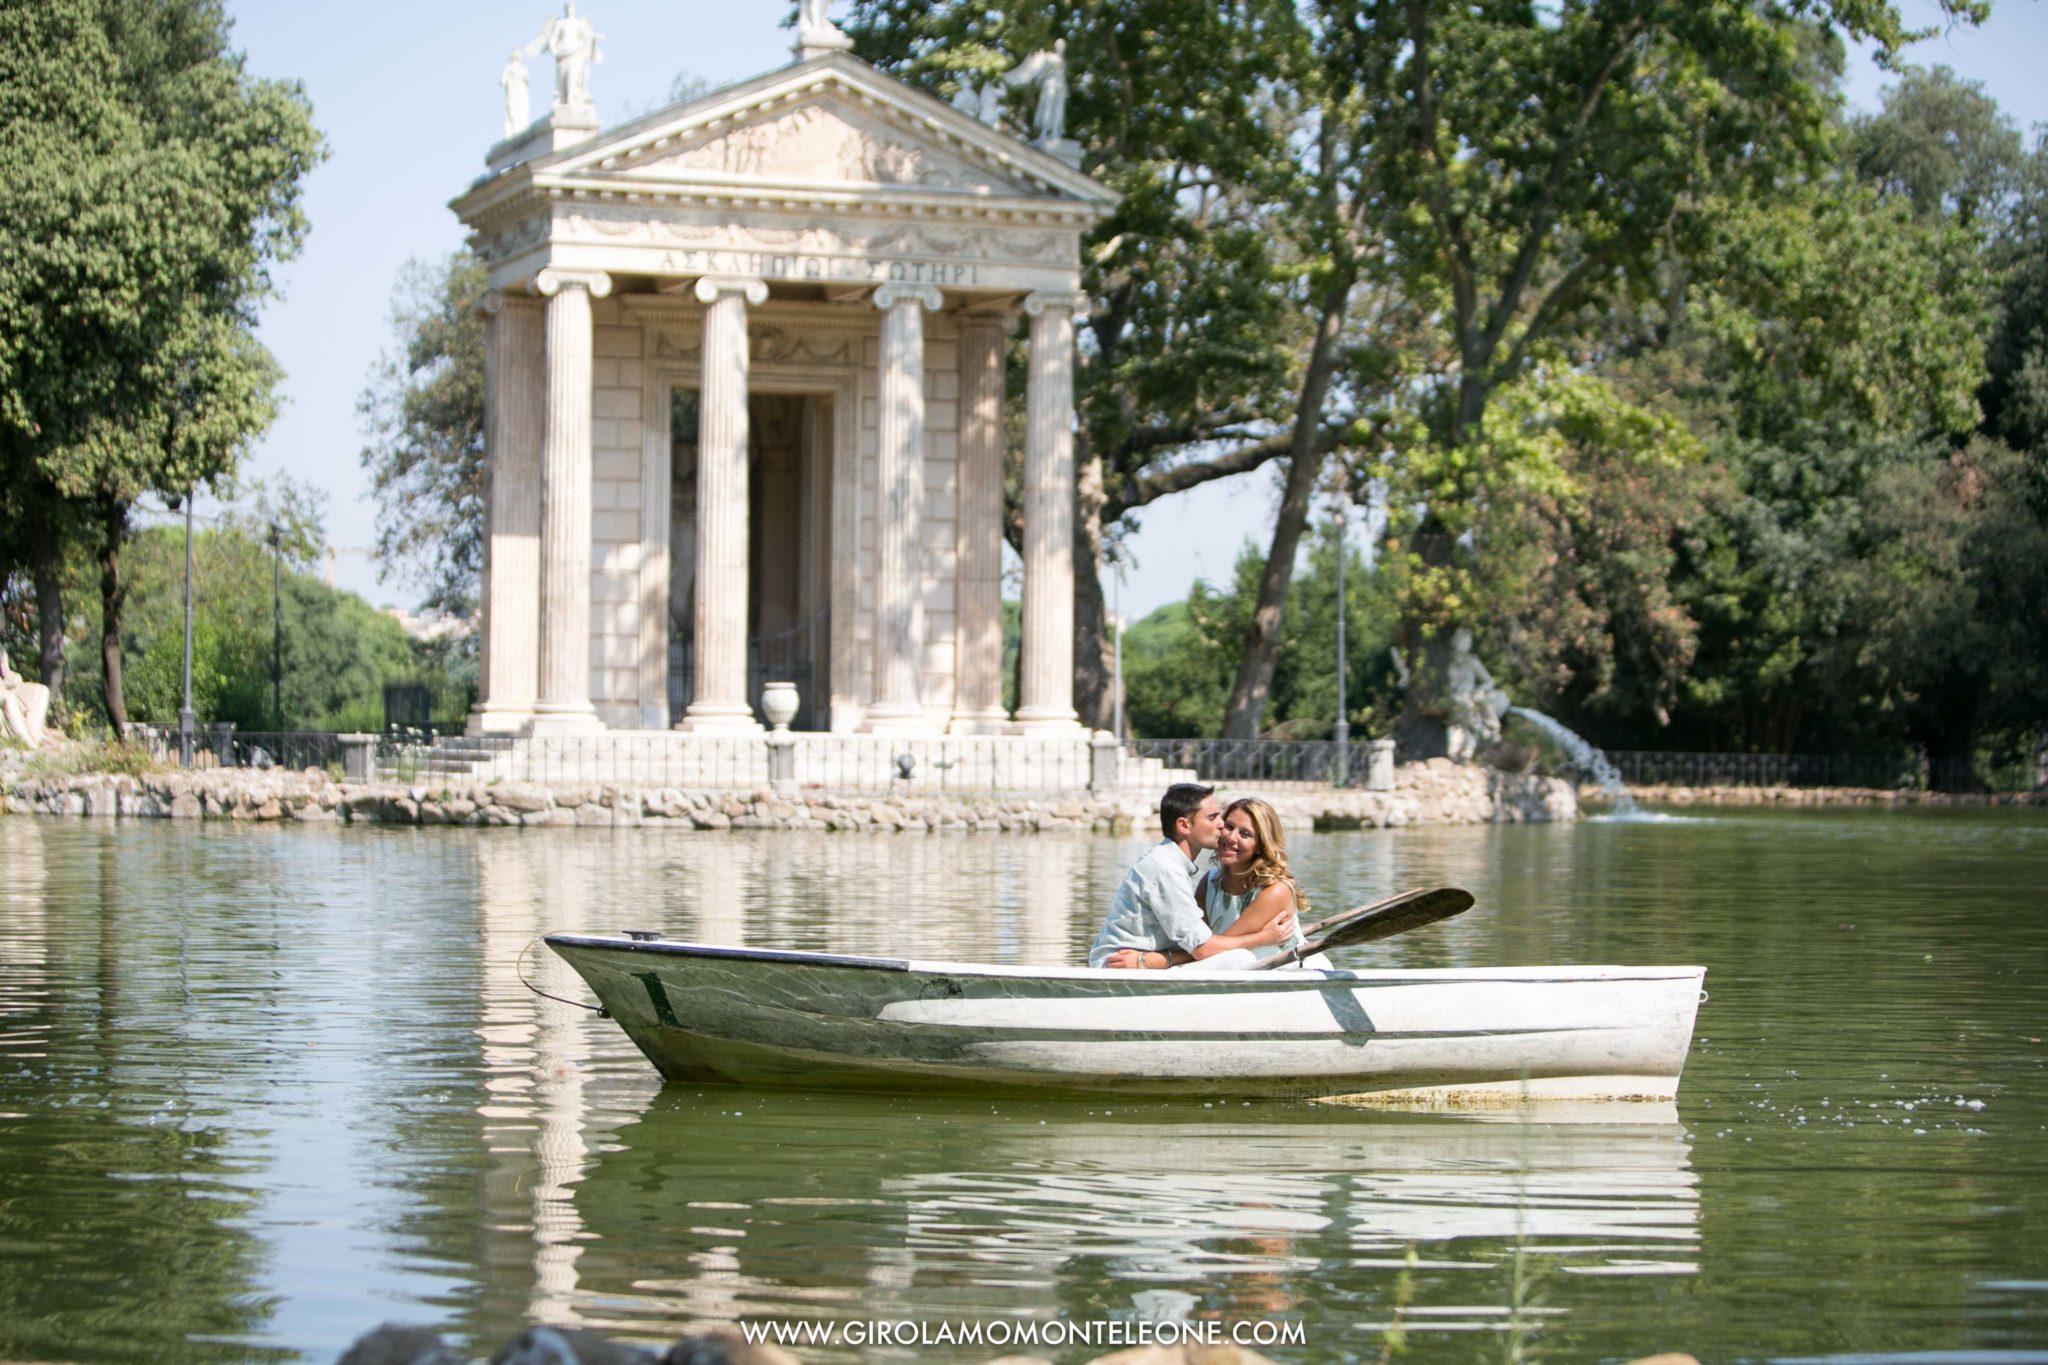 THINGS TO DO IN ROME PROFESSIONAL PHOTOGRAPHER GIROLAMO MONTELEONE www.girolamomonteleone.com -221015582572